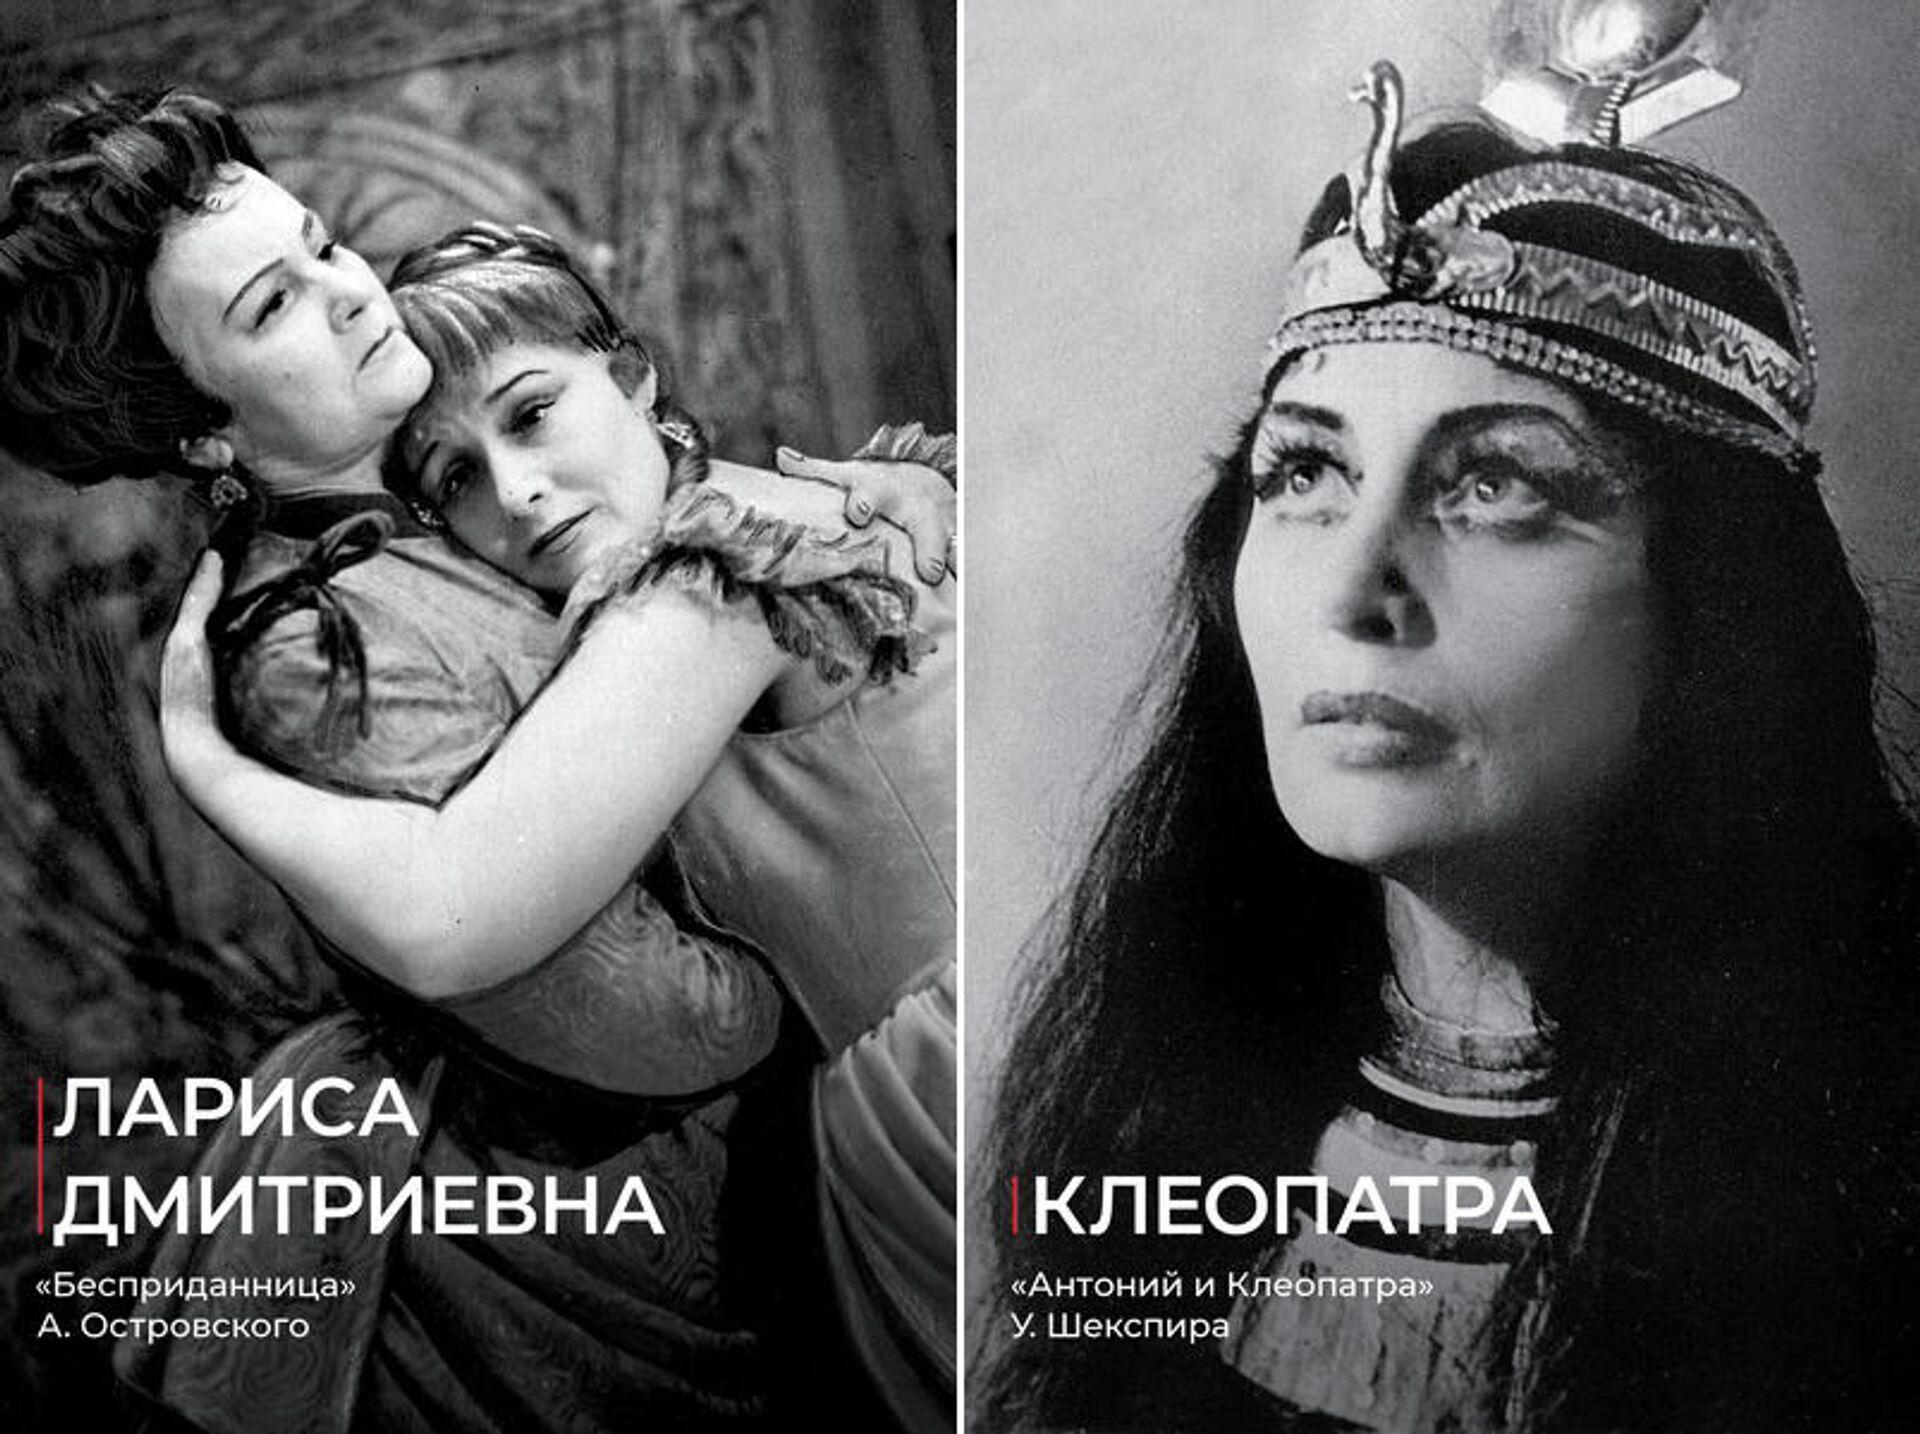 Александра Климова - Sputnik Беларусь, 1920, 30.09.2021